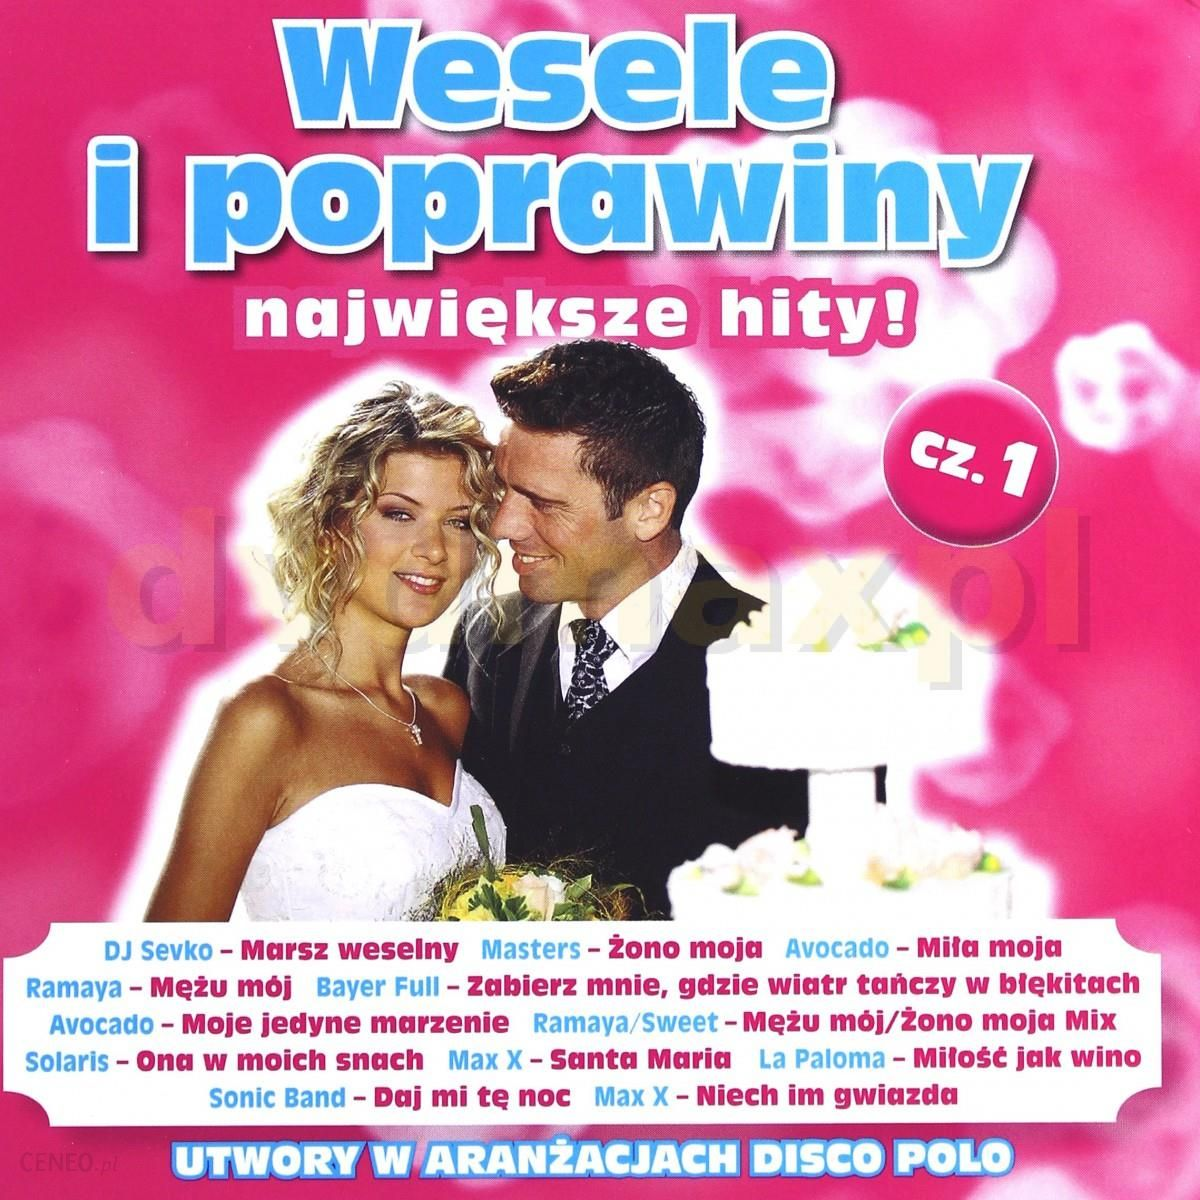 Płyta Kompaktowa Wesele I Poprawiny Największe Hity Cz 1 Cd